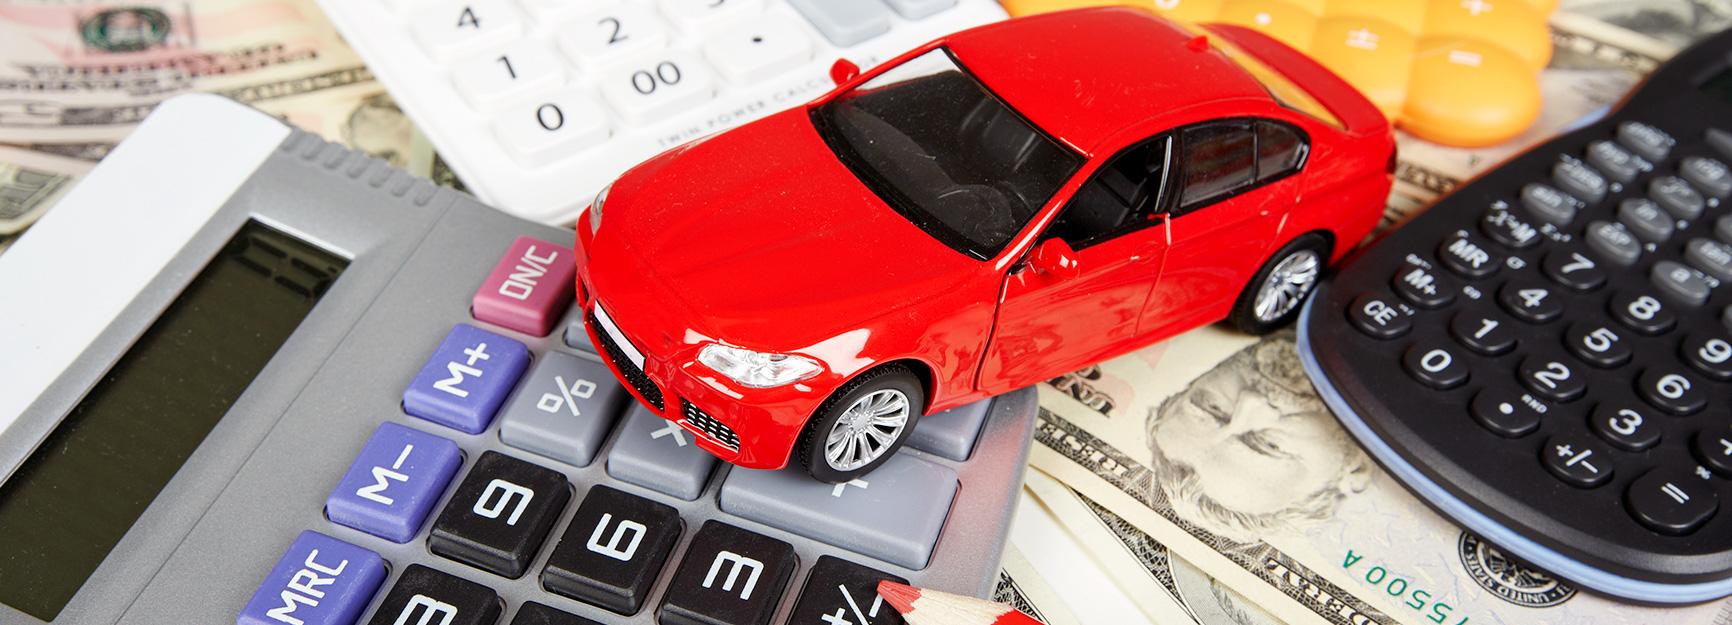 новый налог на транспортные средства что дольше недели